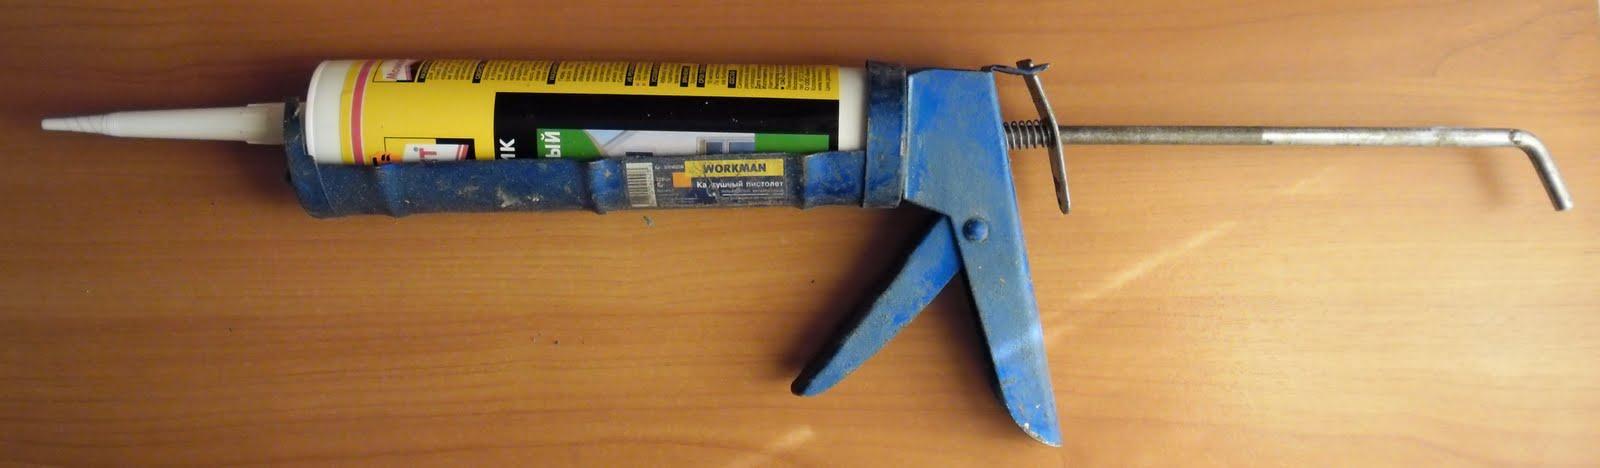 Туба с герметиком в монтажном пистолете